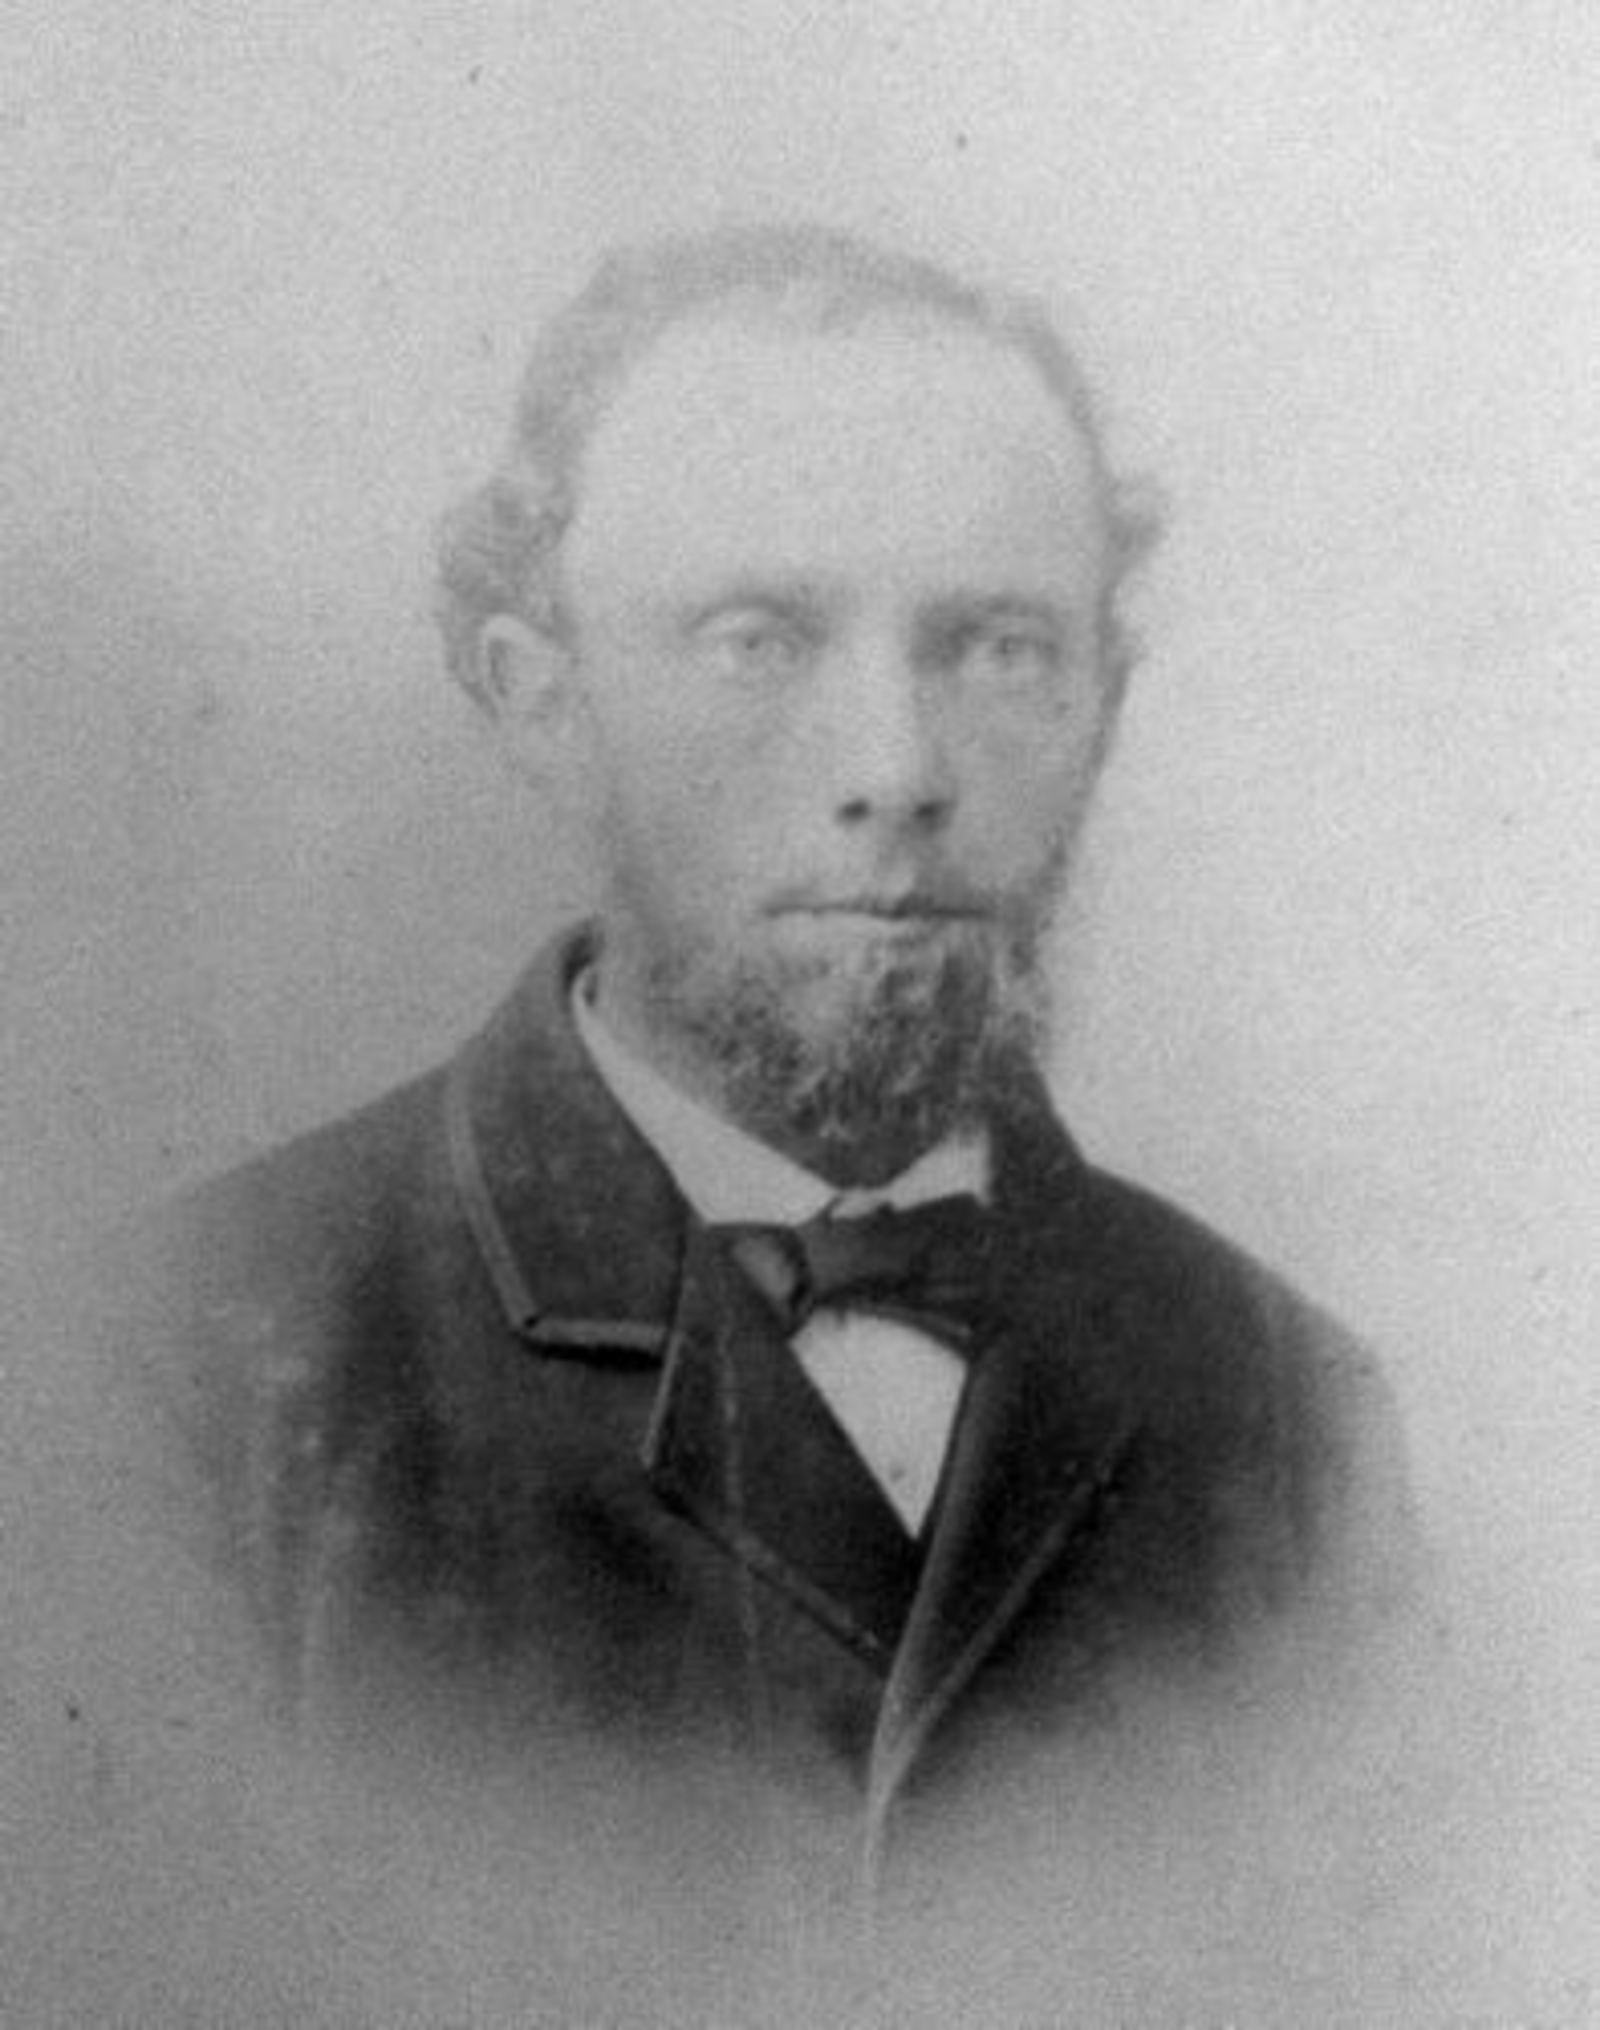 Bier Pieter 1855 189_ Portret met vrouw Marijtje Smit 01